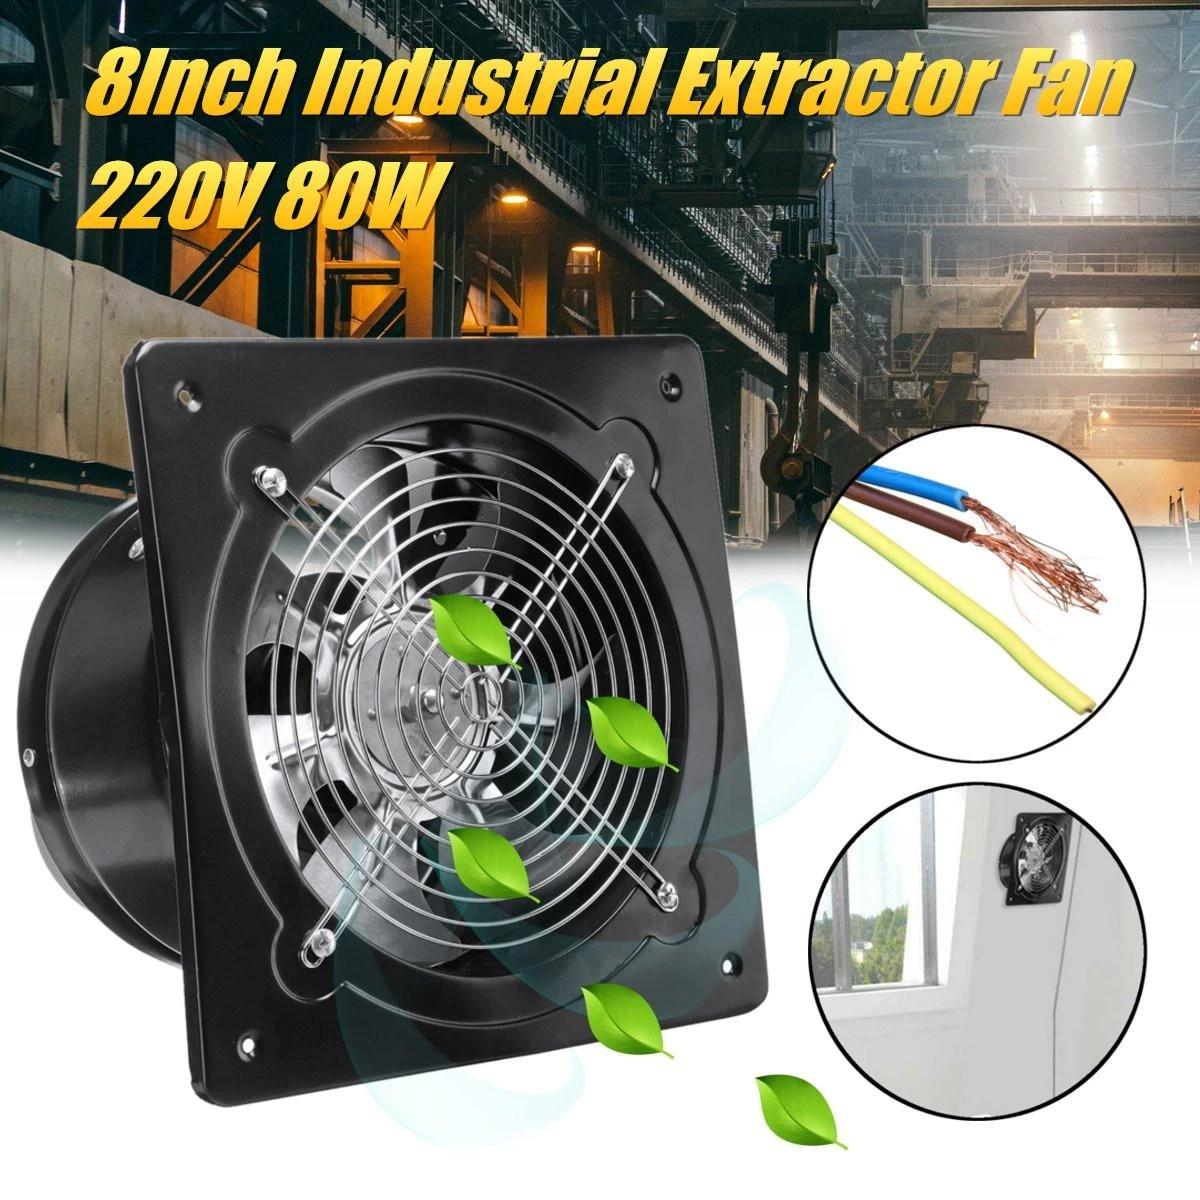 8 inch 220v 80w stainless steel panel fan industrial ventilation fan metal wall mounting exhaust fan kitchen window extractor